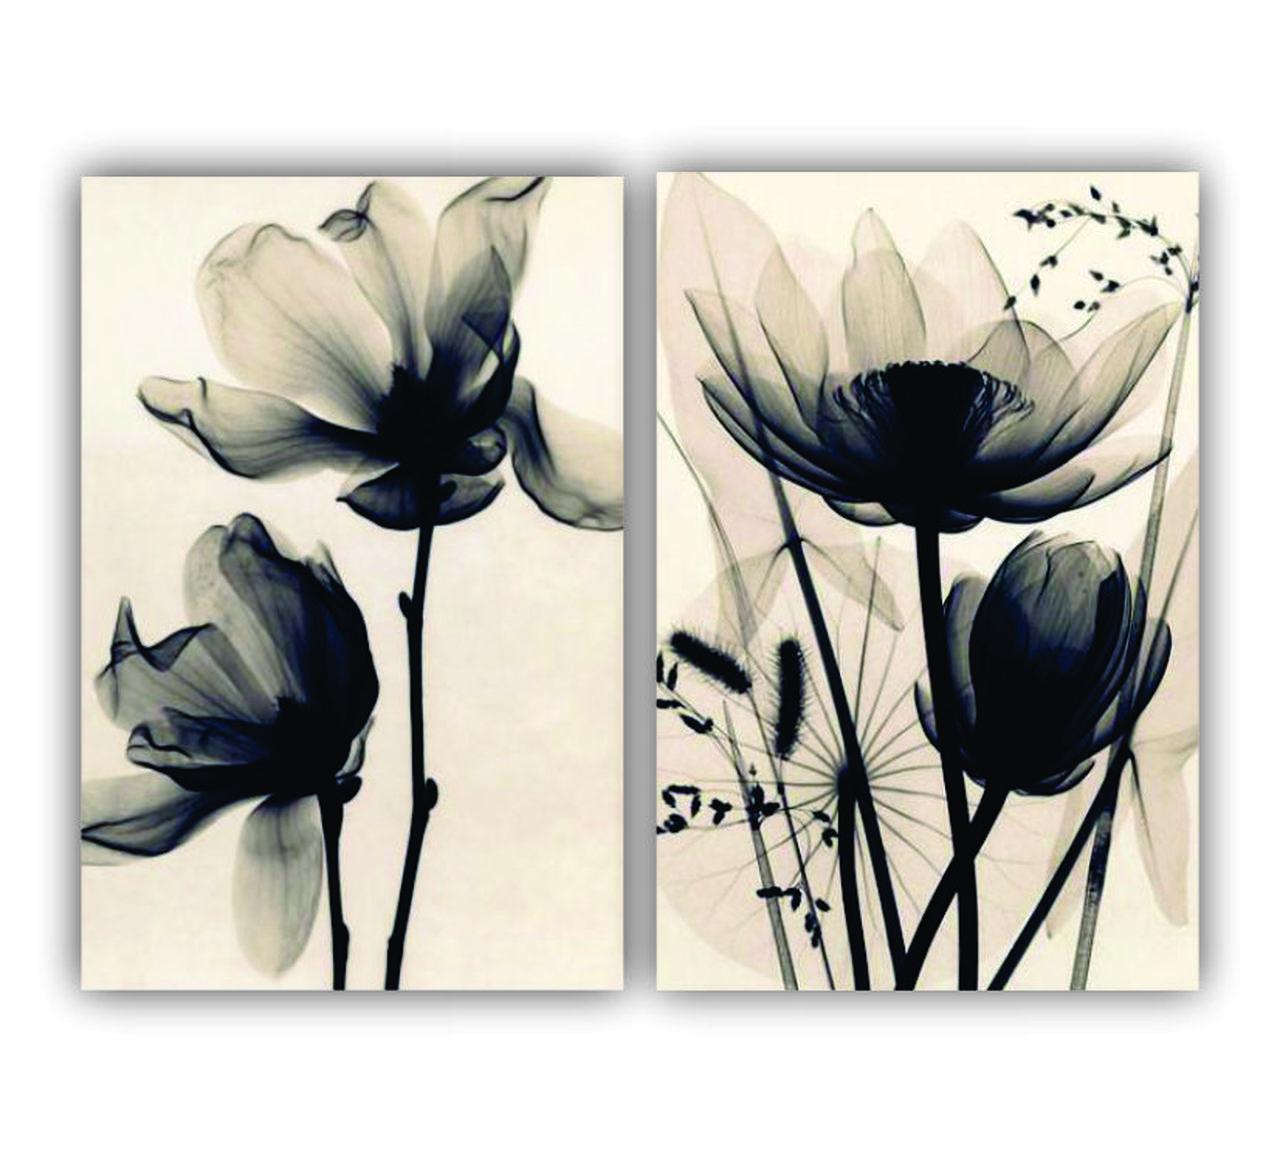 Quadro Flores Minimalista Efeito Desenho - Kit 2 telas